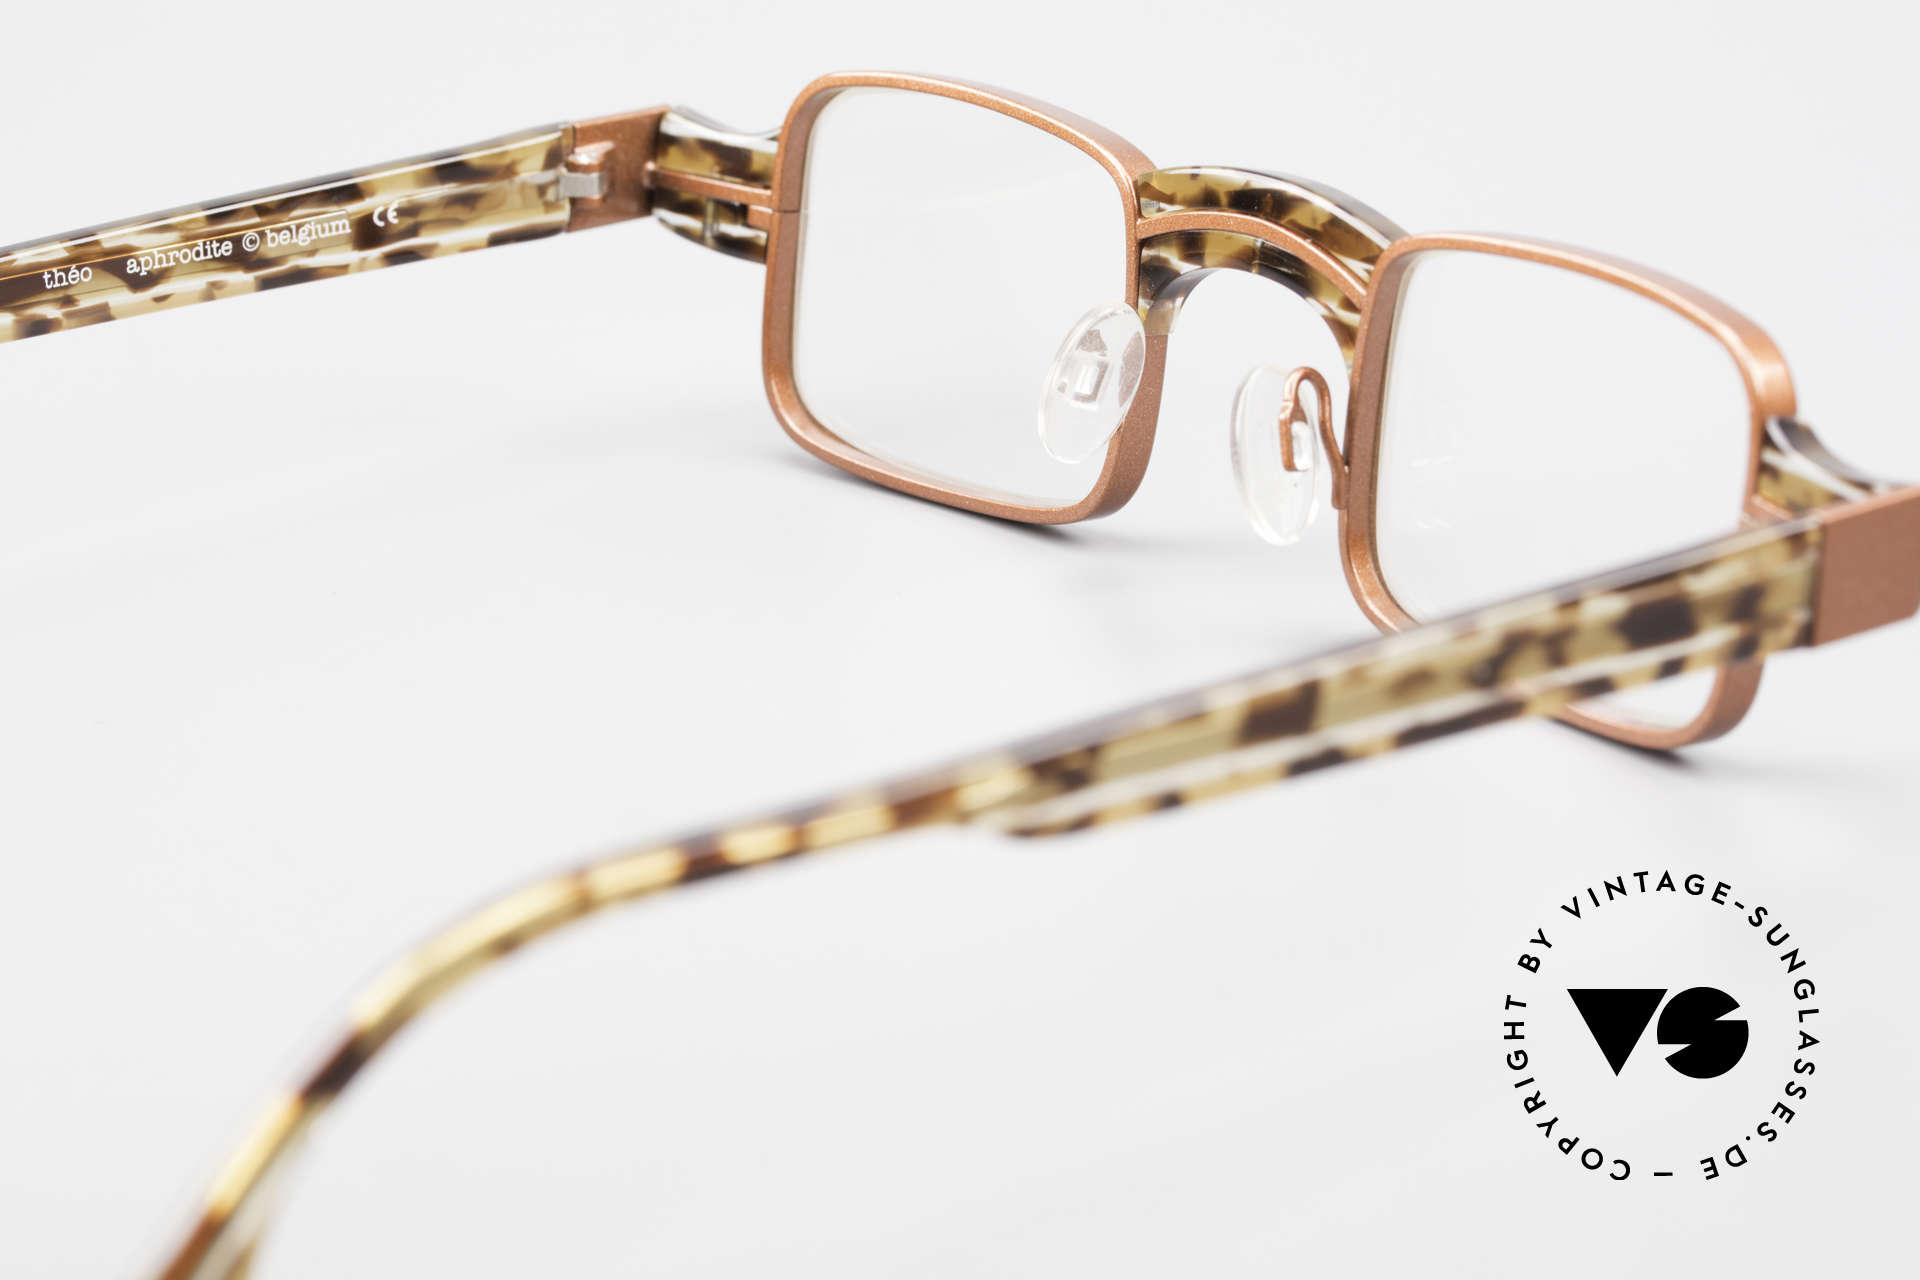 Theo Belgium Aphrodite Vintage Damen Designerbrille, ungetragenes Theo-Exemplar für die, die sich trauen, Passend für Damen